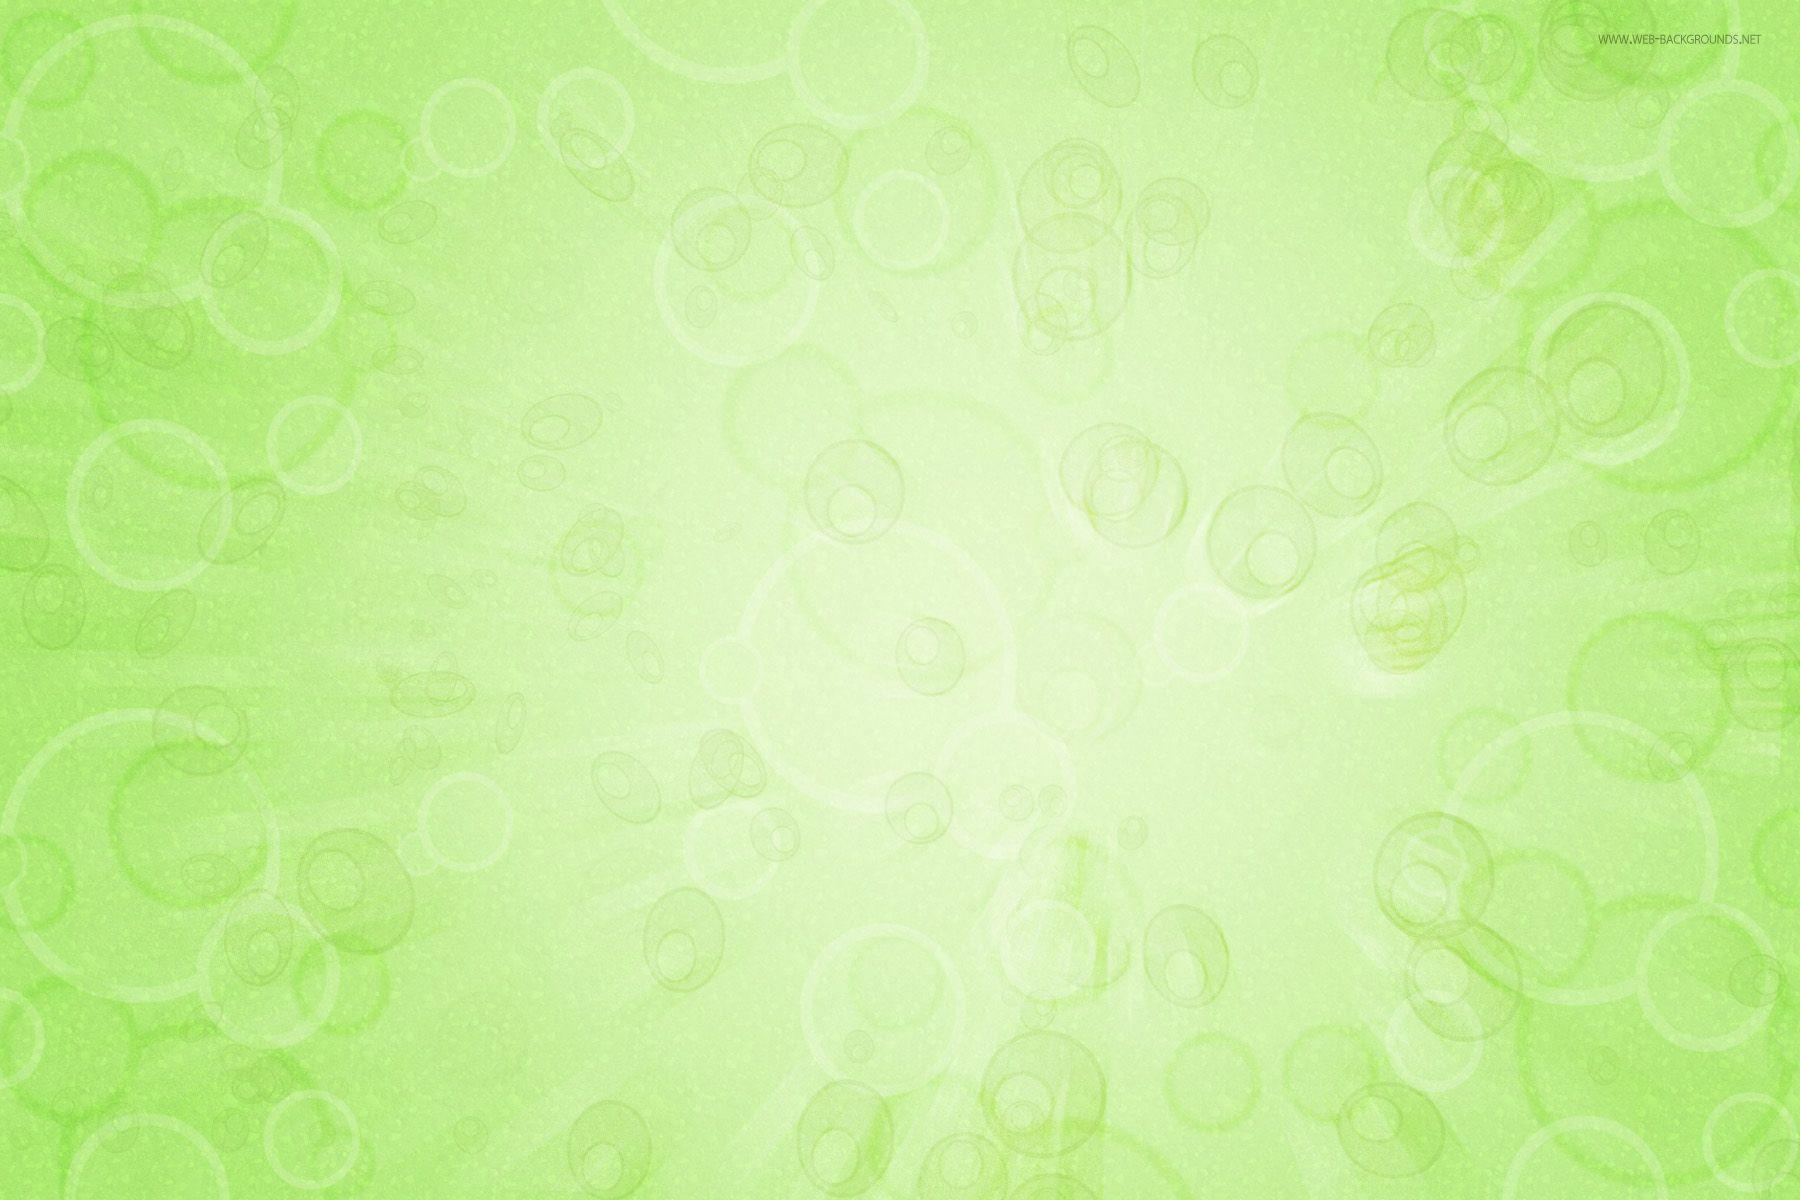 Фон светло-зеленый для открытки